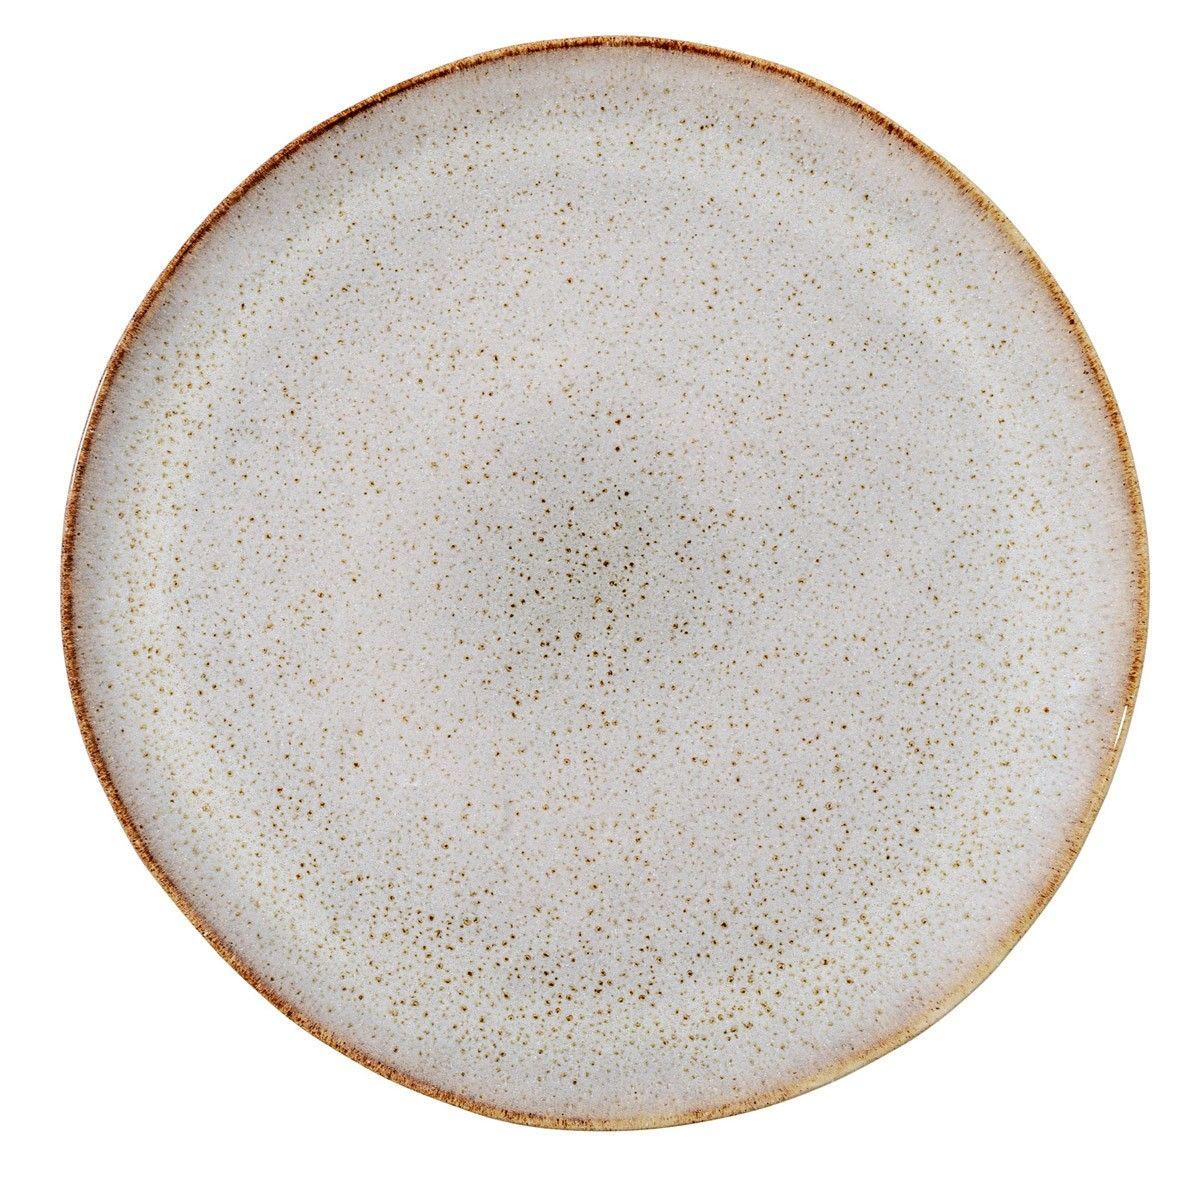 Essteller aus Keramik von Bloomingville